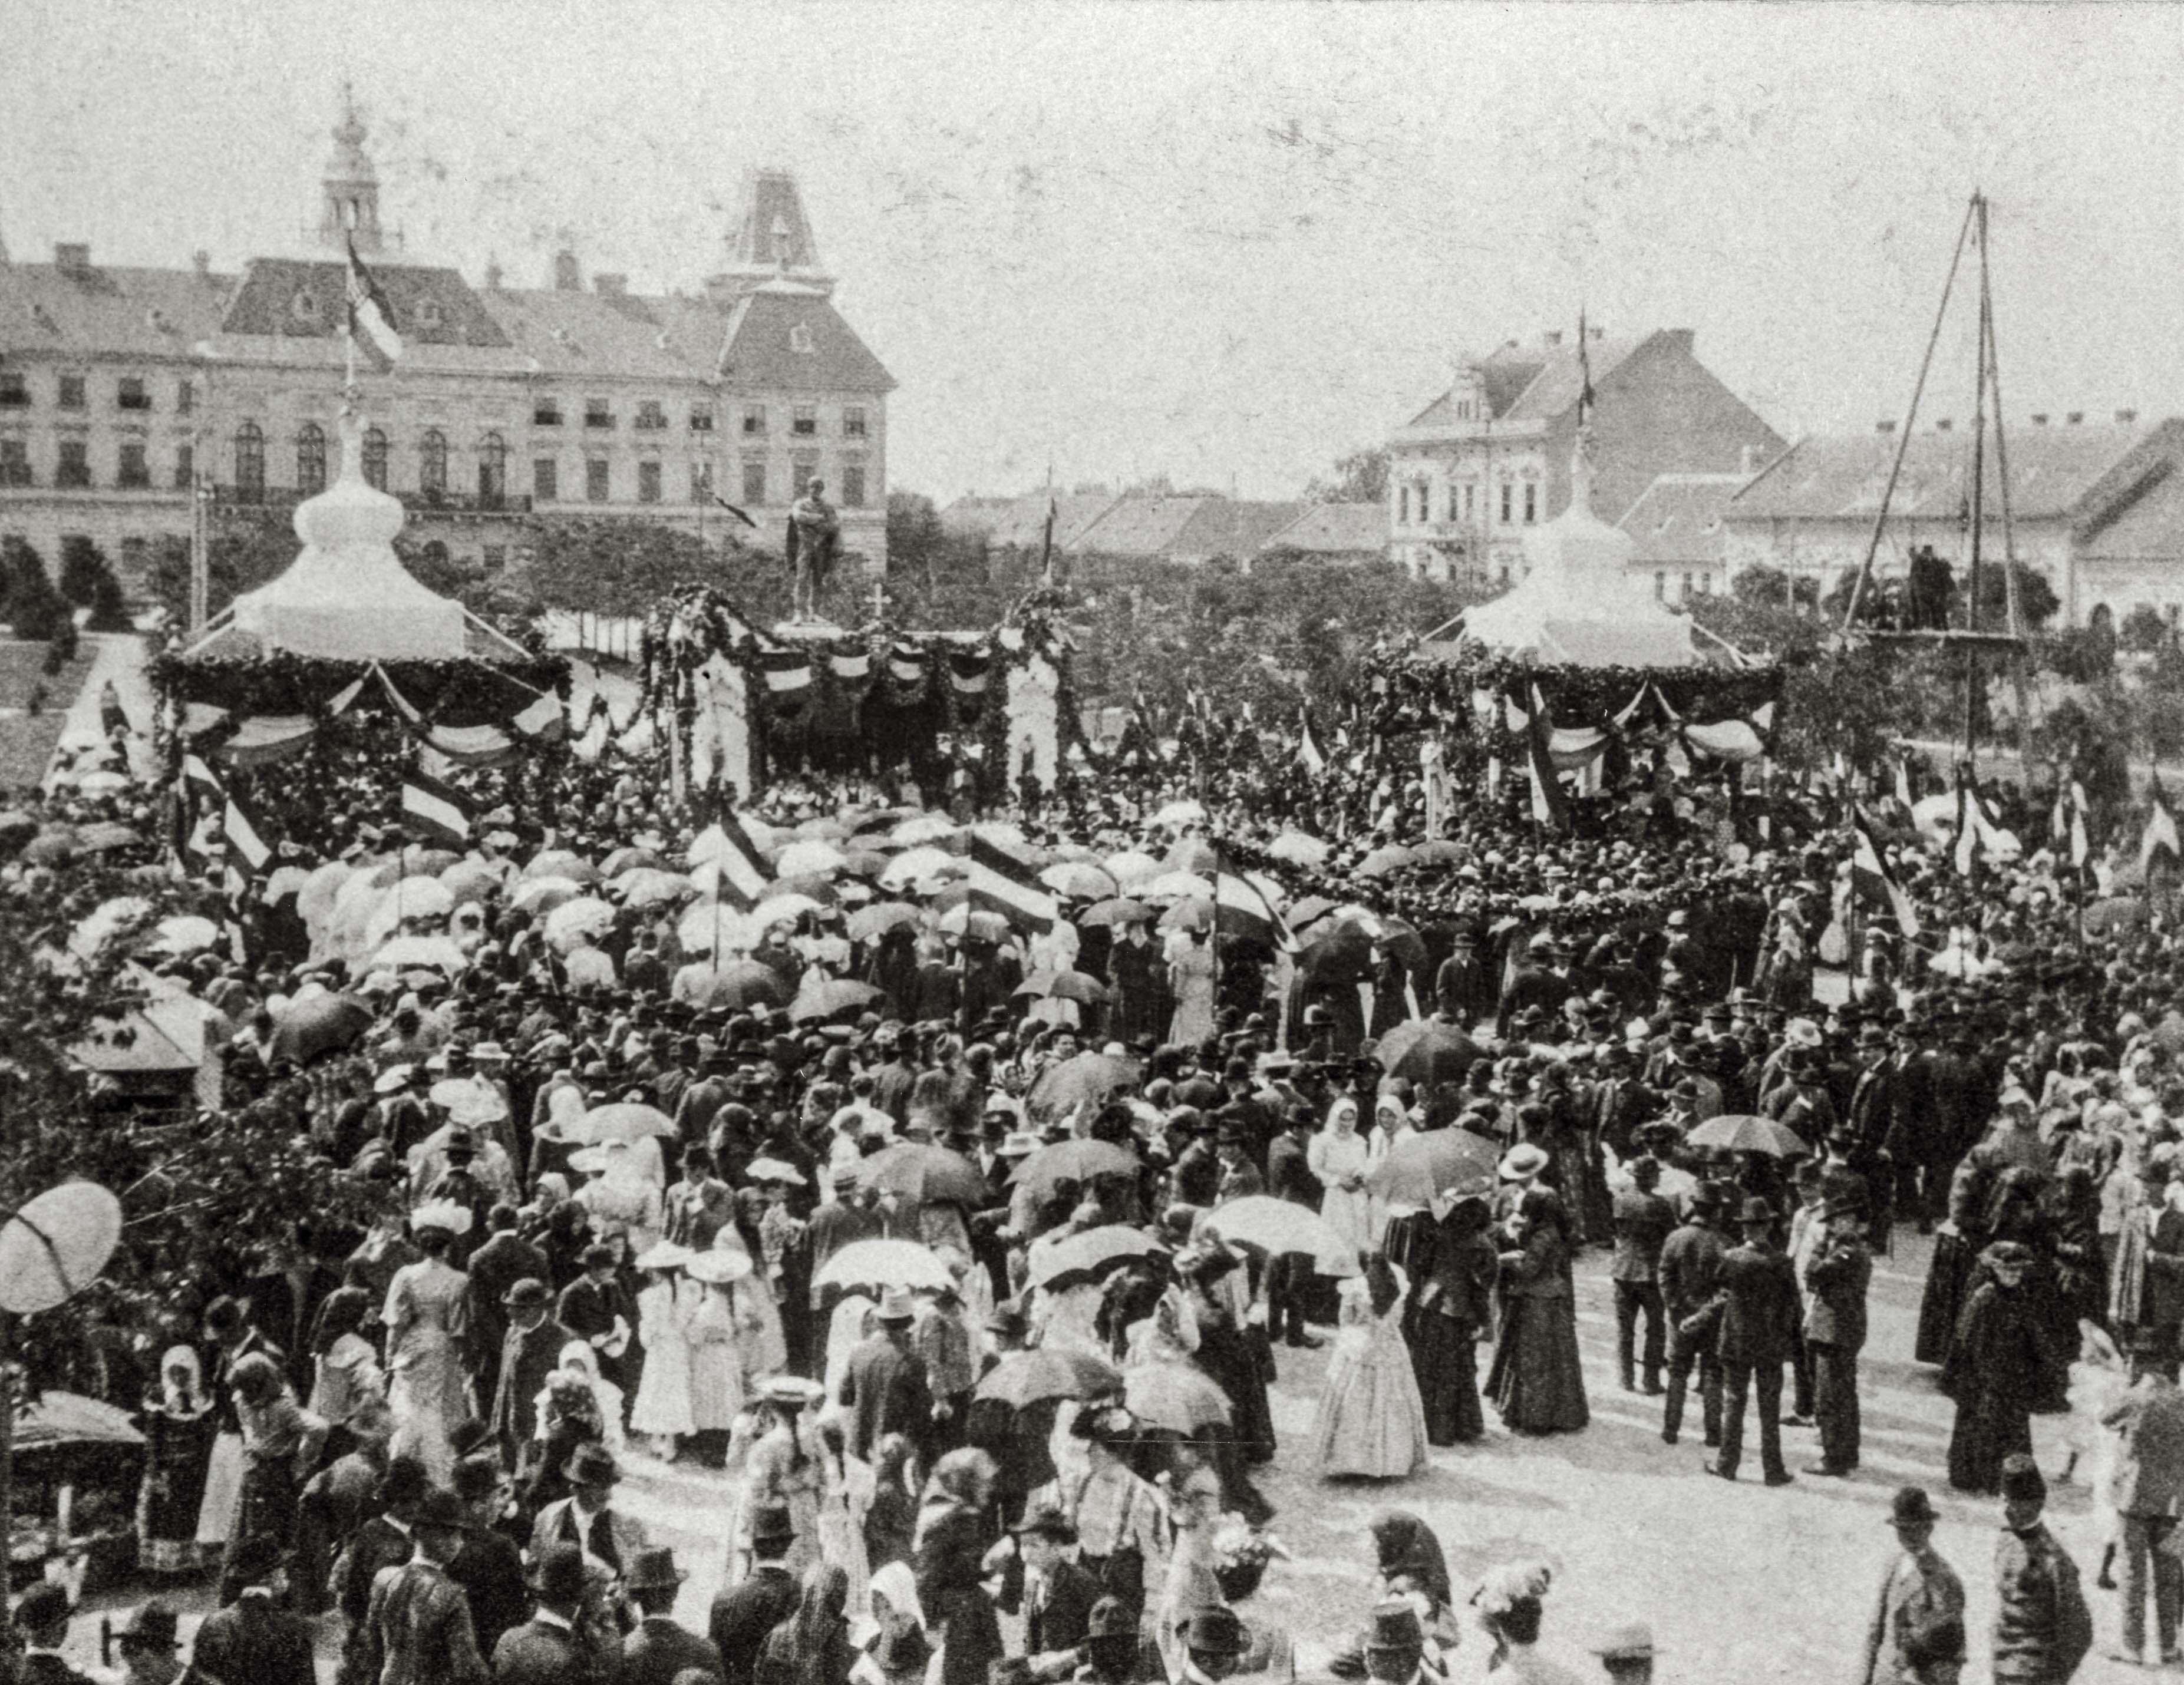 A Zombori Függetlenségi Párt zászlóavatási ünnepe. Napernyős hölgyek és Girardi kalapos lányok sétálnak a vármegyeháza előtt, a feldíszített Szabadság téren.<br />Zombor, 1906. június 17. F 8495<br /><br />Fotó: Alföldy Flóra © Néprajzi Múzeum